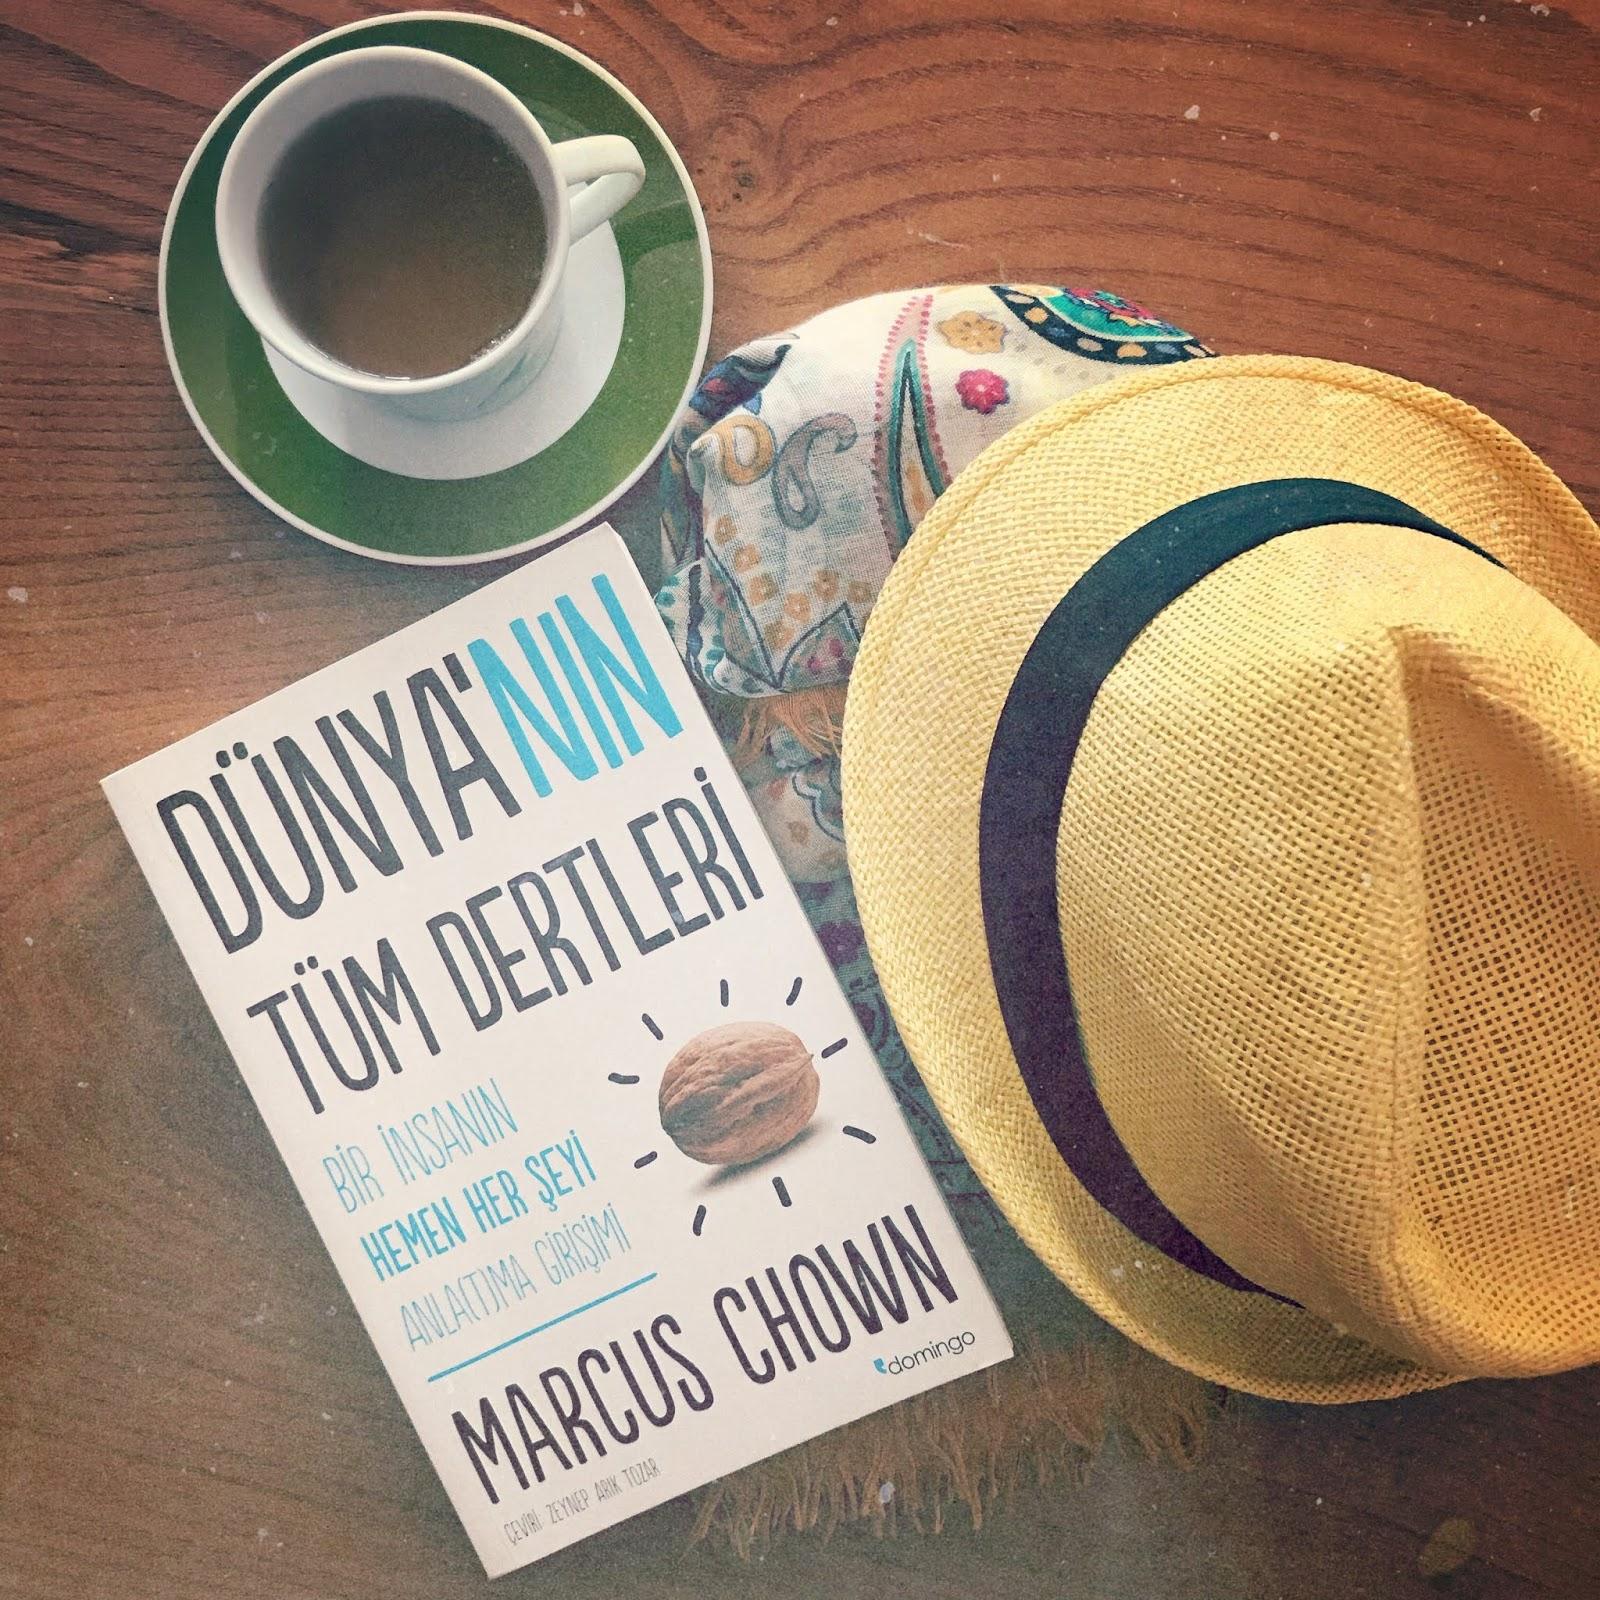 Dunya'nin Tum Dertleri - Bir Insanin Hemen Her Seyi Anla(t)ma Girisimi (Kitap)